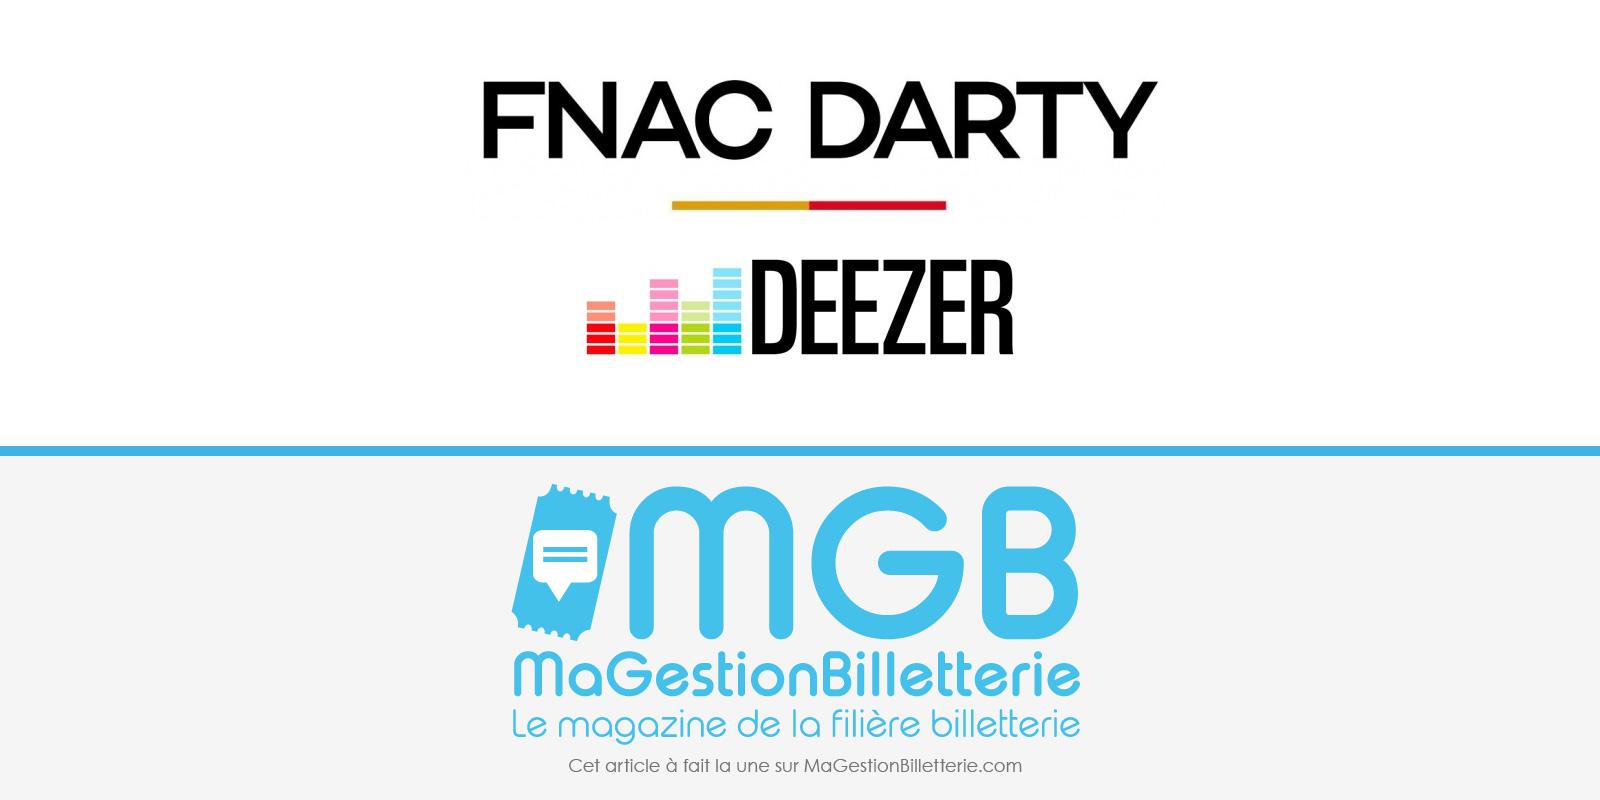 fnacdarty-deezer-une5